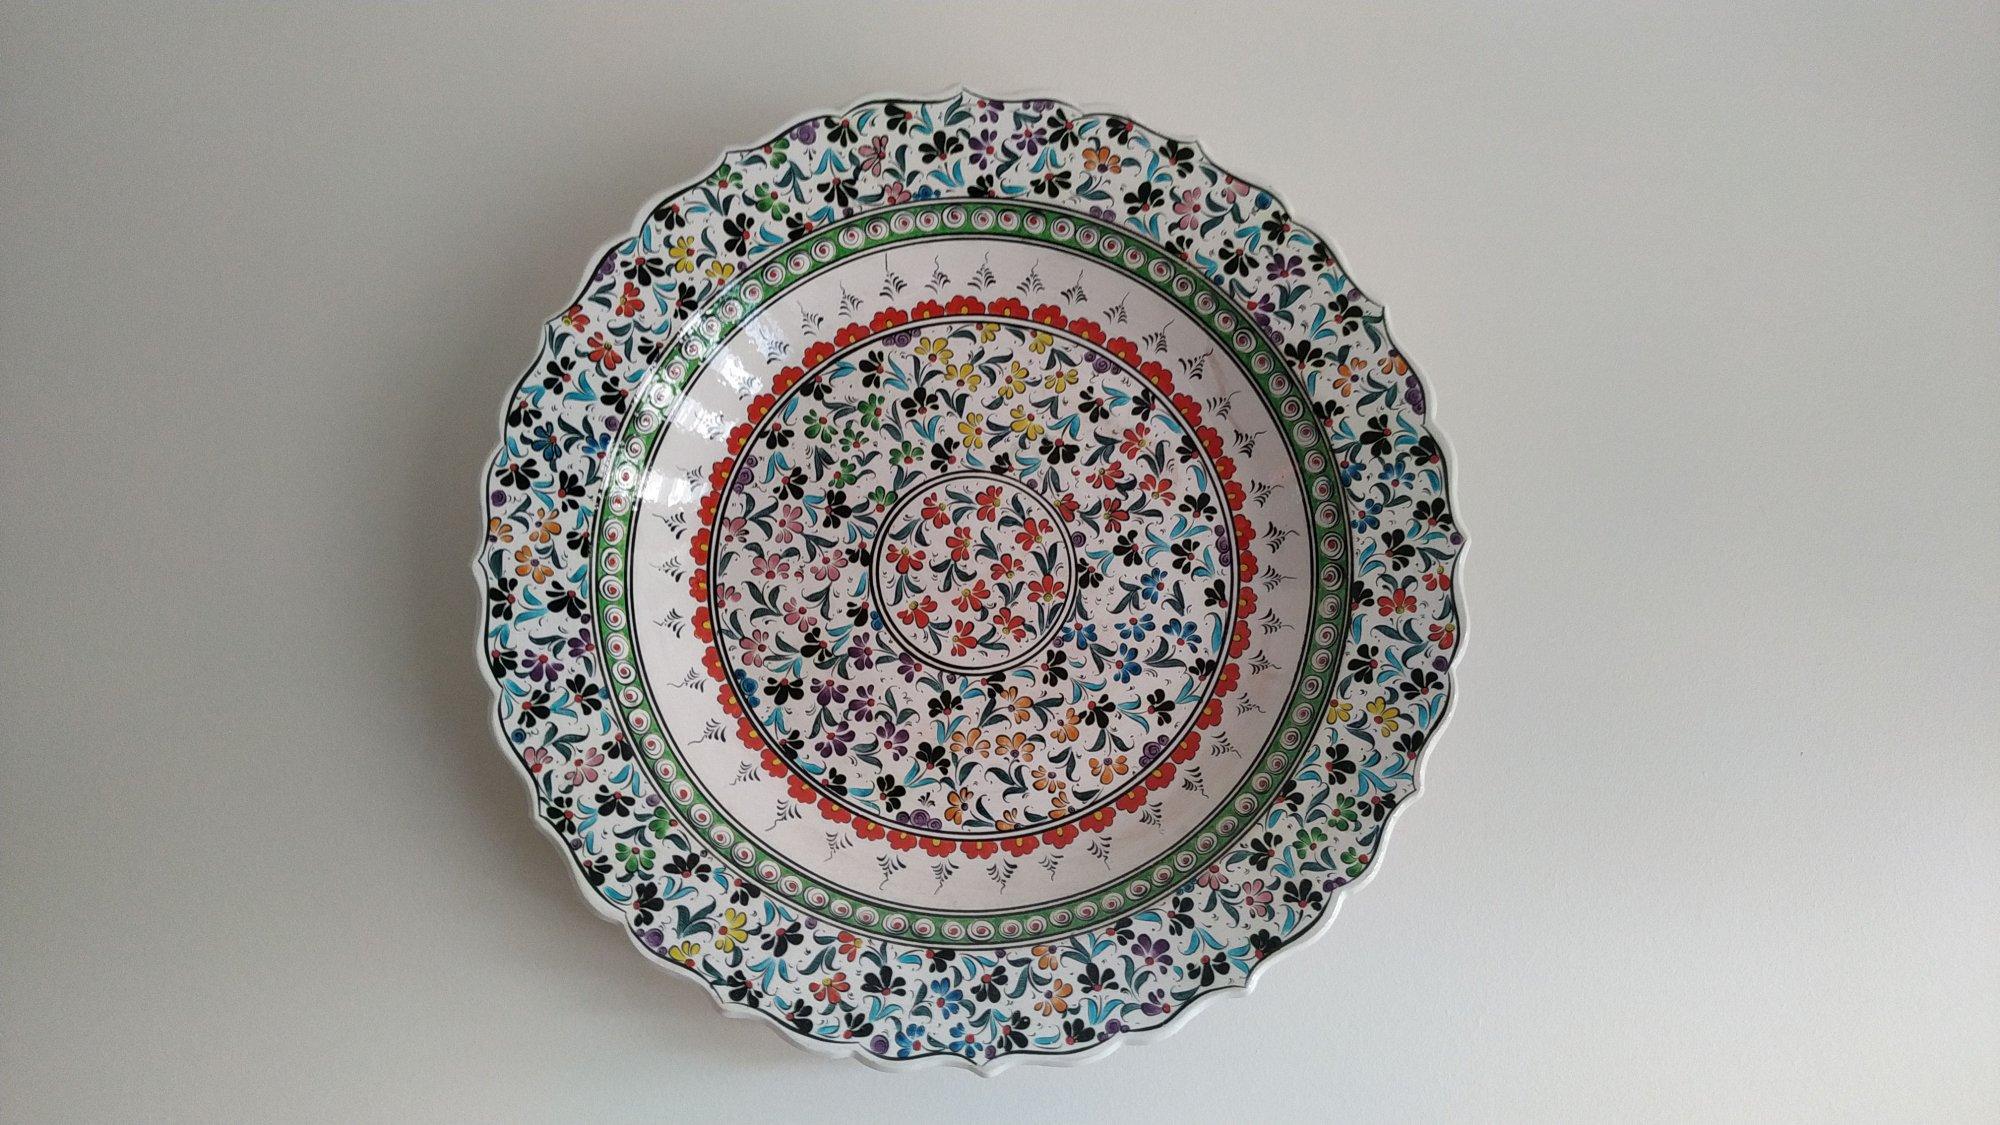 Osmanlı Çini Sanatı Örnekleri Klasik İznik ve Kütahya el yapımı çinileri